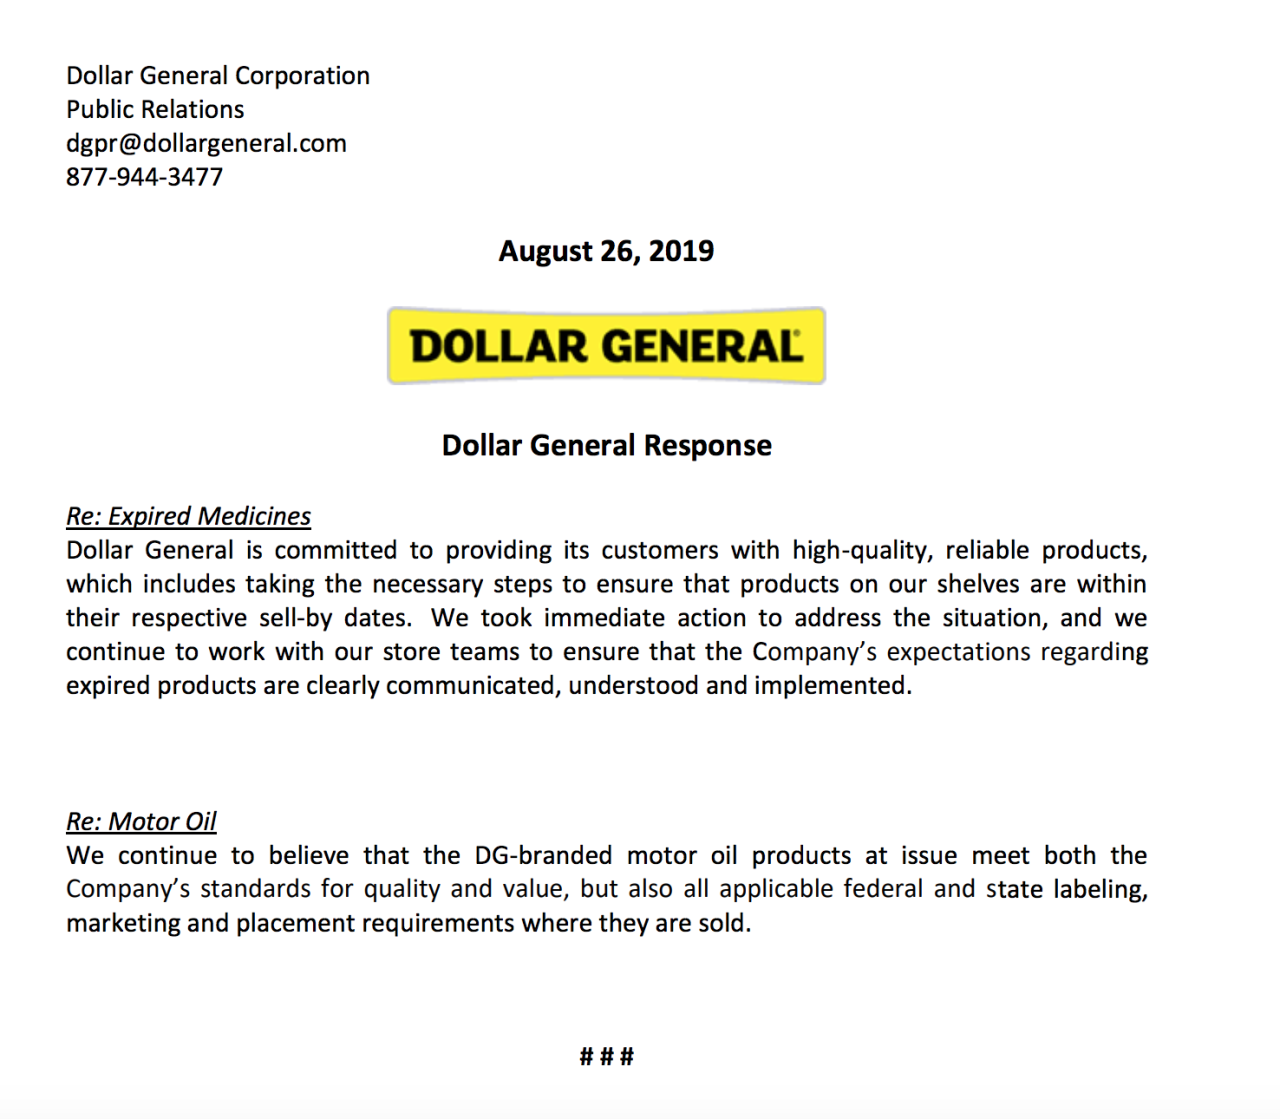 Dollar General Response